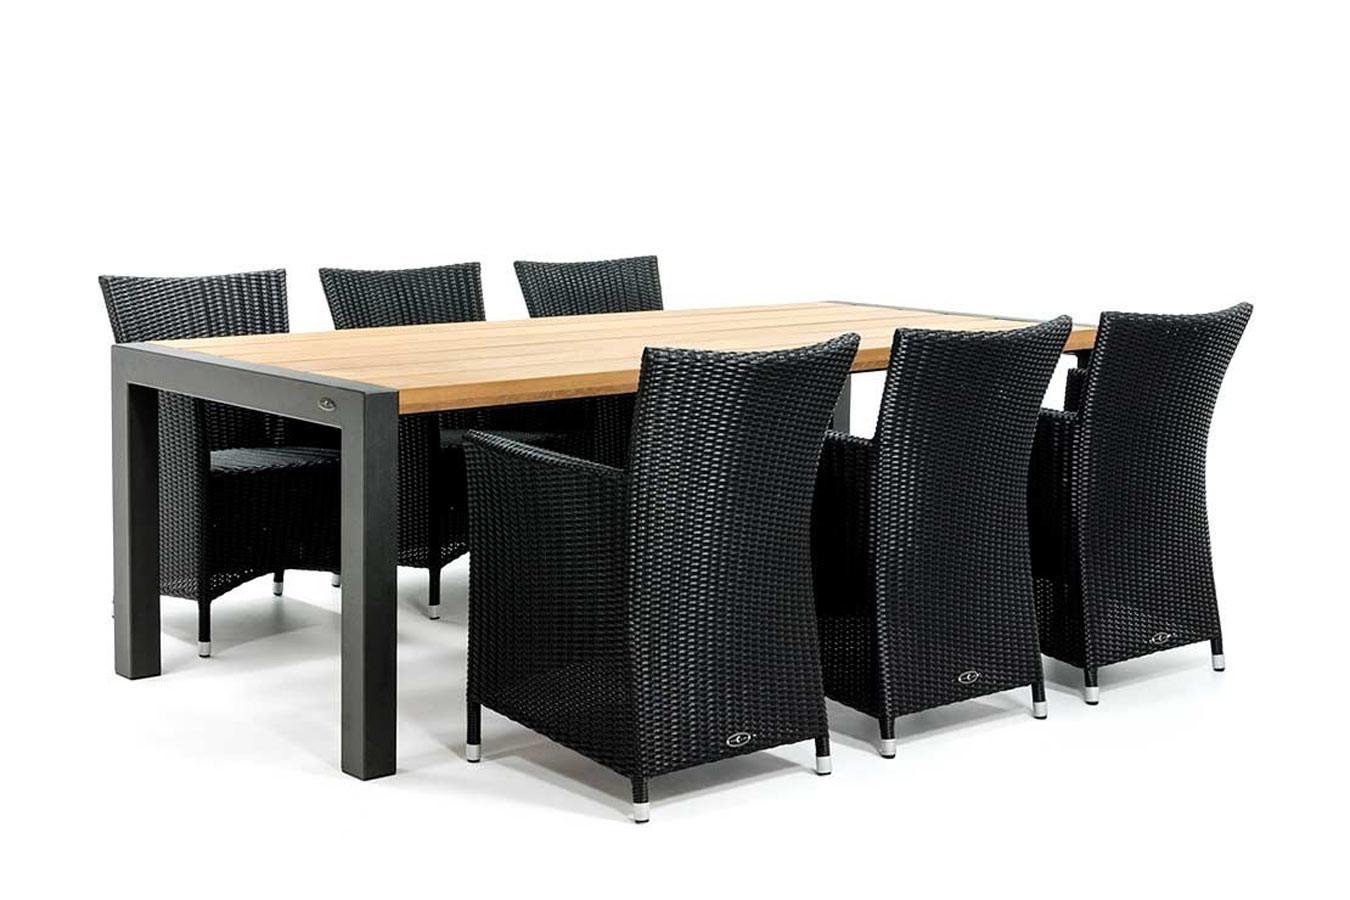 Houten tuintafel met gecoat onderstel en vlechtwerk stoelen